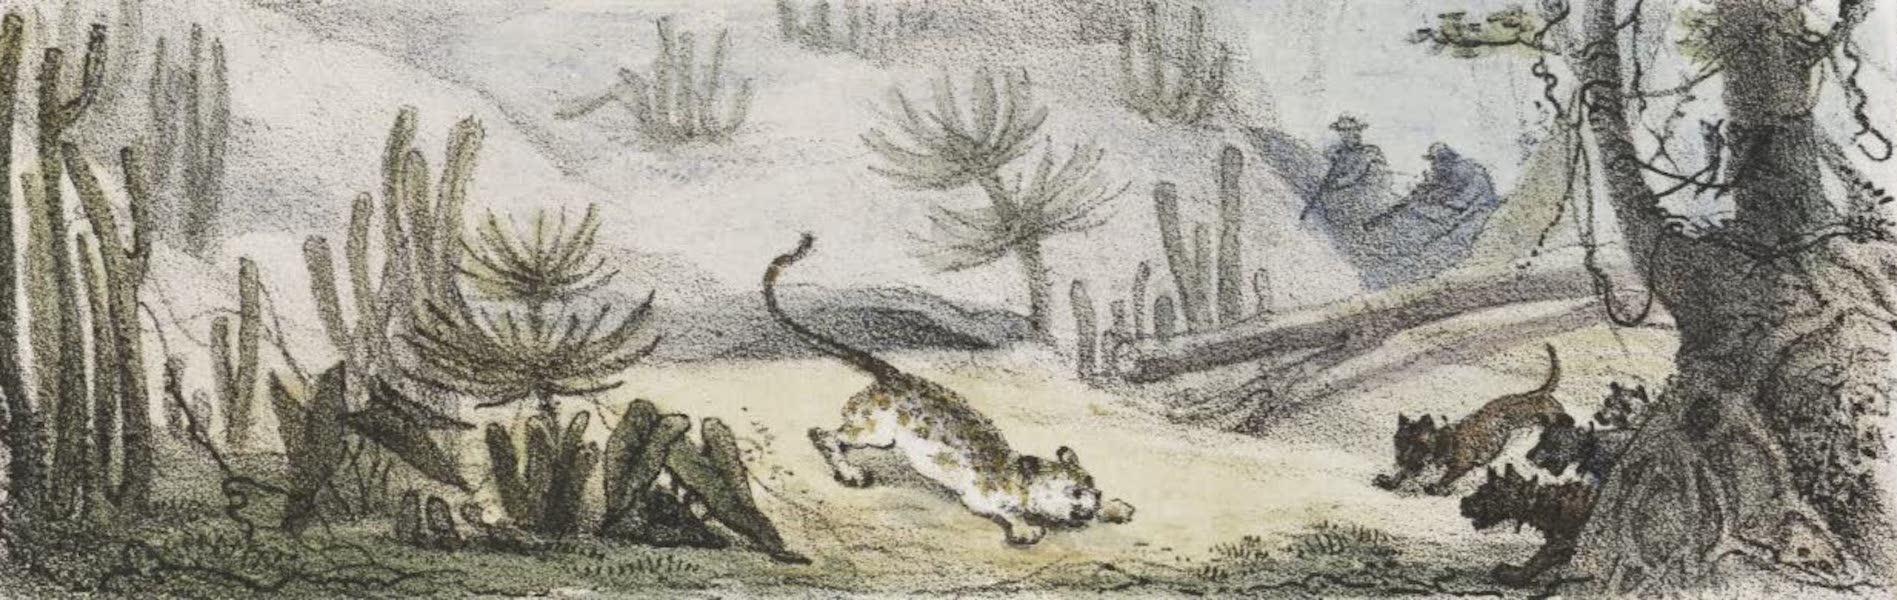 Voyage Pittoresque et Historique au Bresil Vol. 2 - Meme Chasse dans les Forets Vierges [II] (1835)